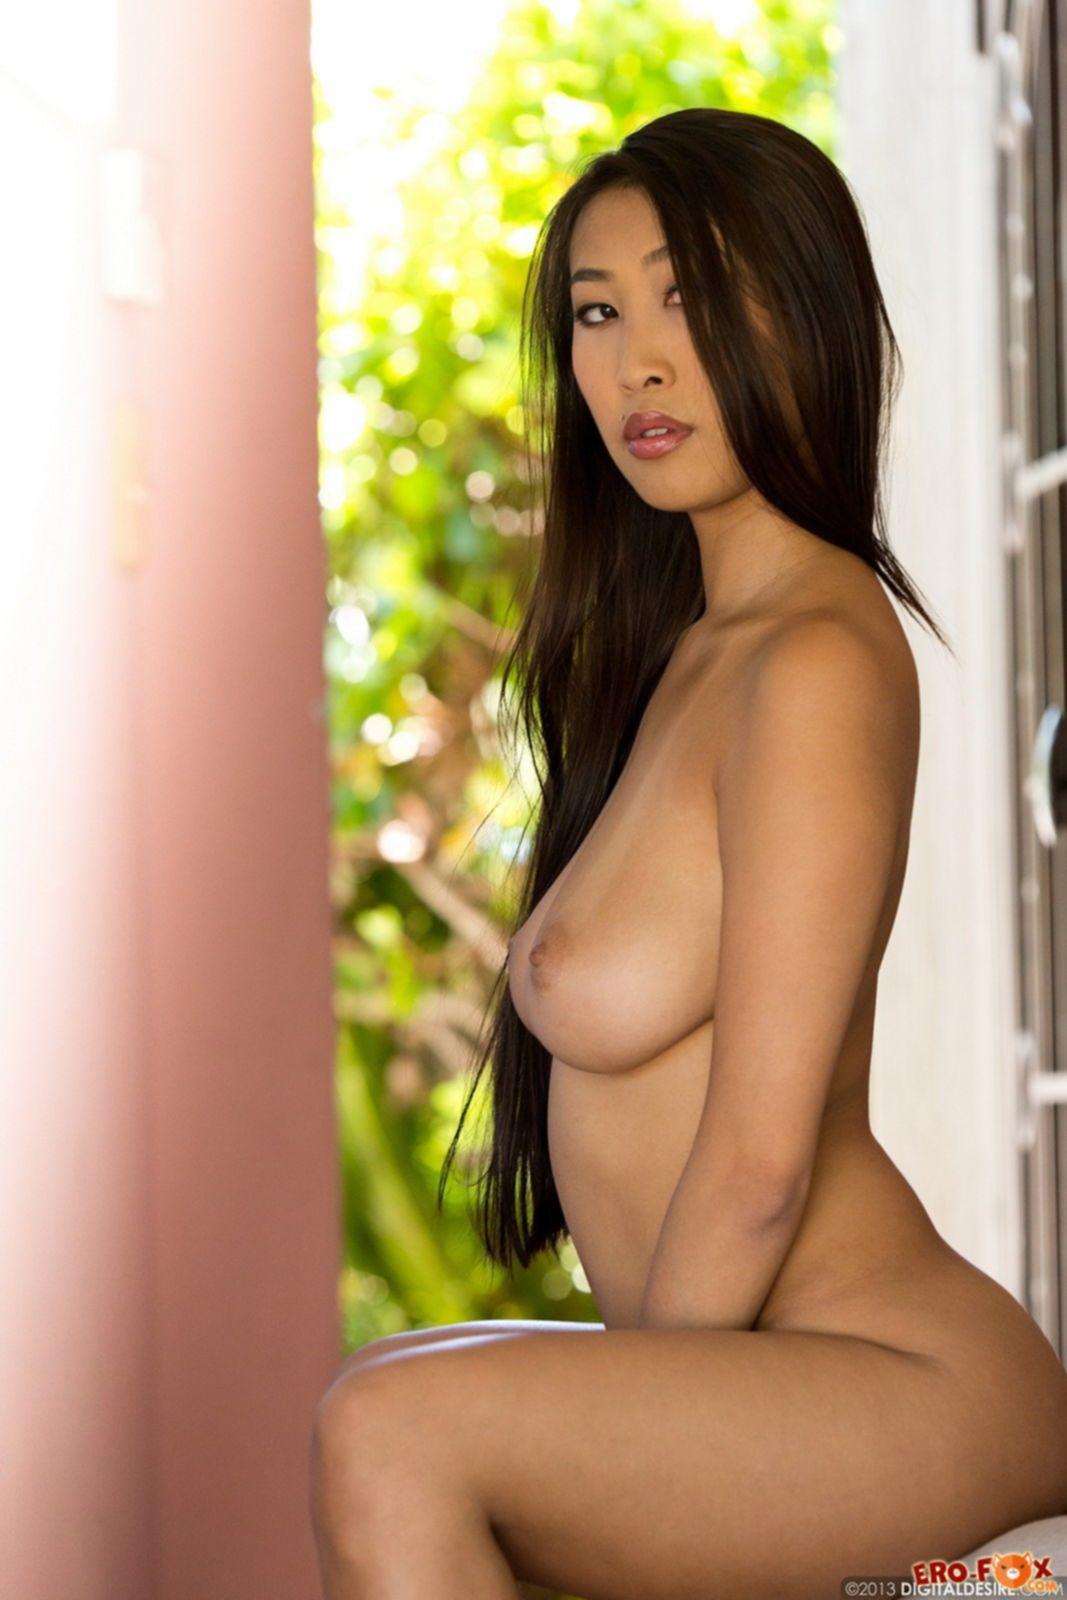 Сексуальная голая японка с большими сиськами - фото